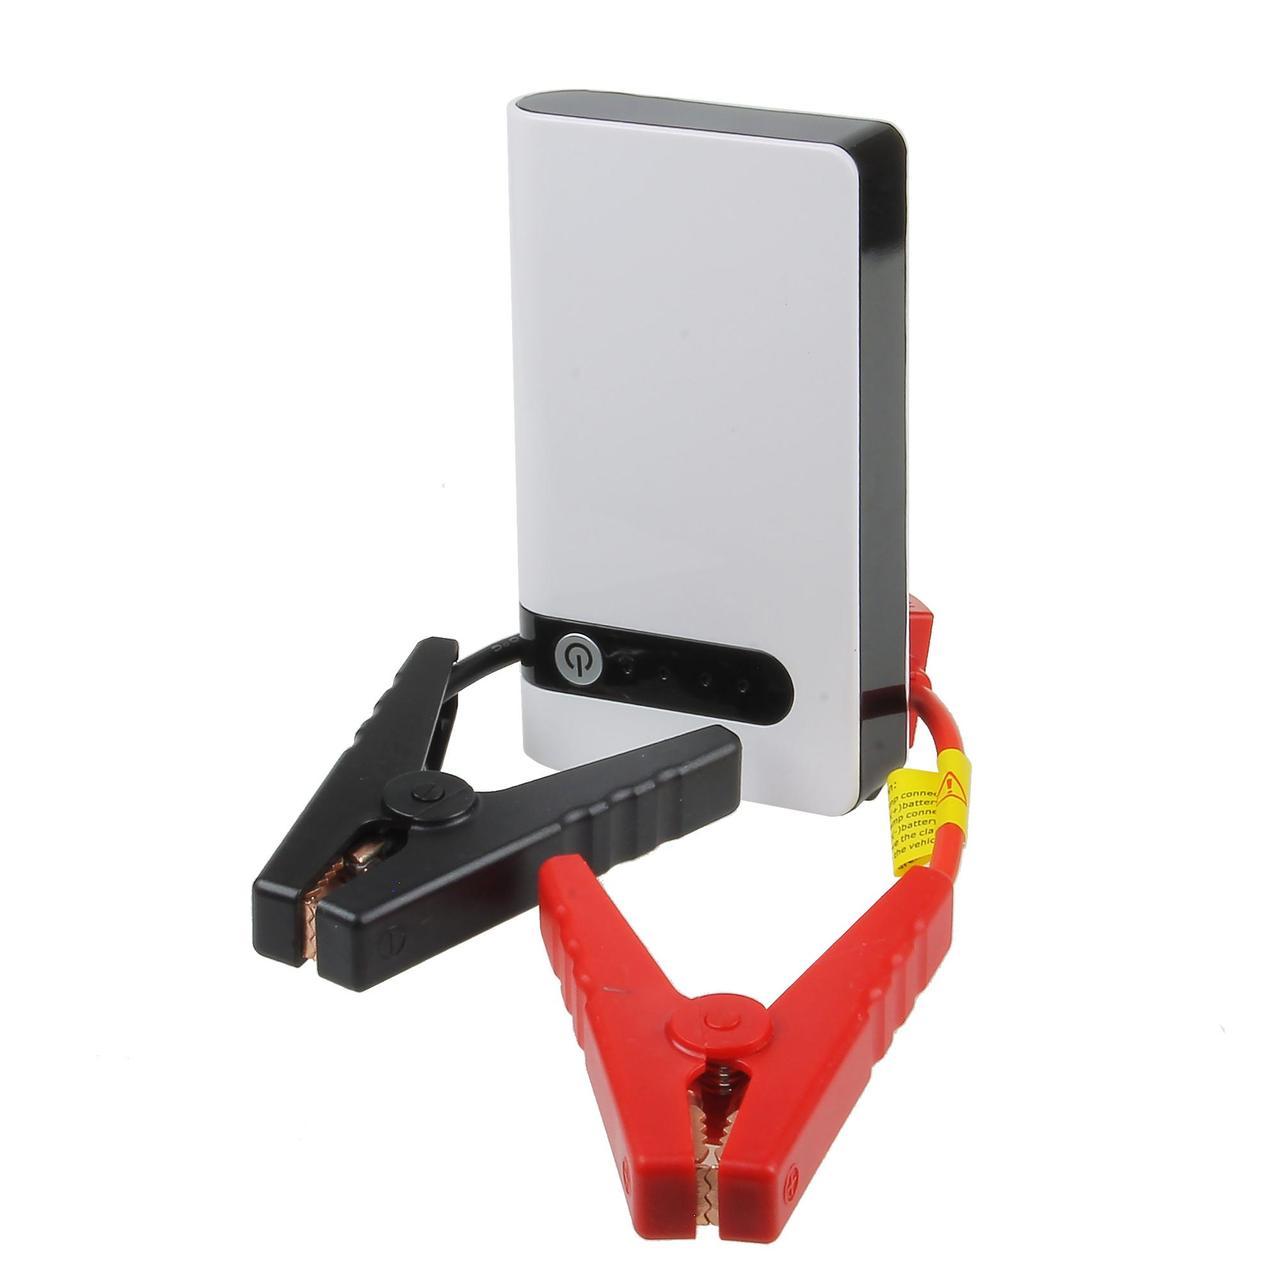 Уценка (товар с небольшим дефектом) Пуско-зарядное устройство (бустер) Minimax